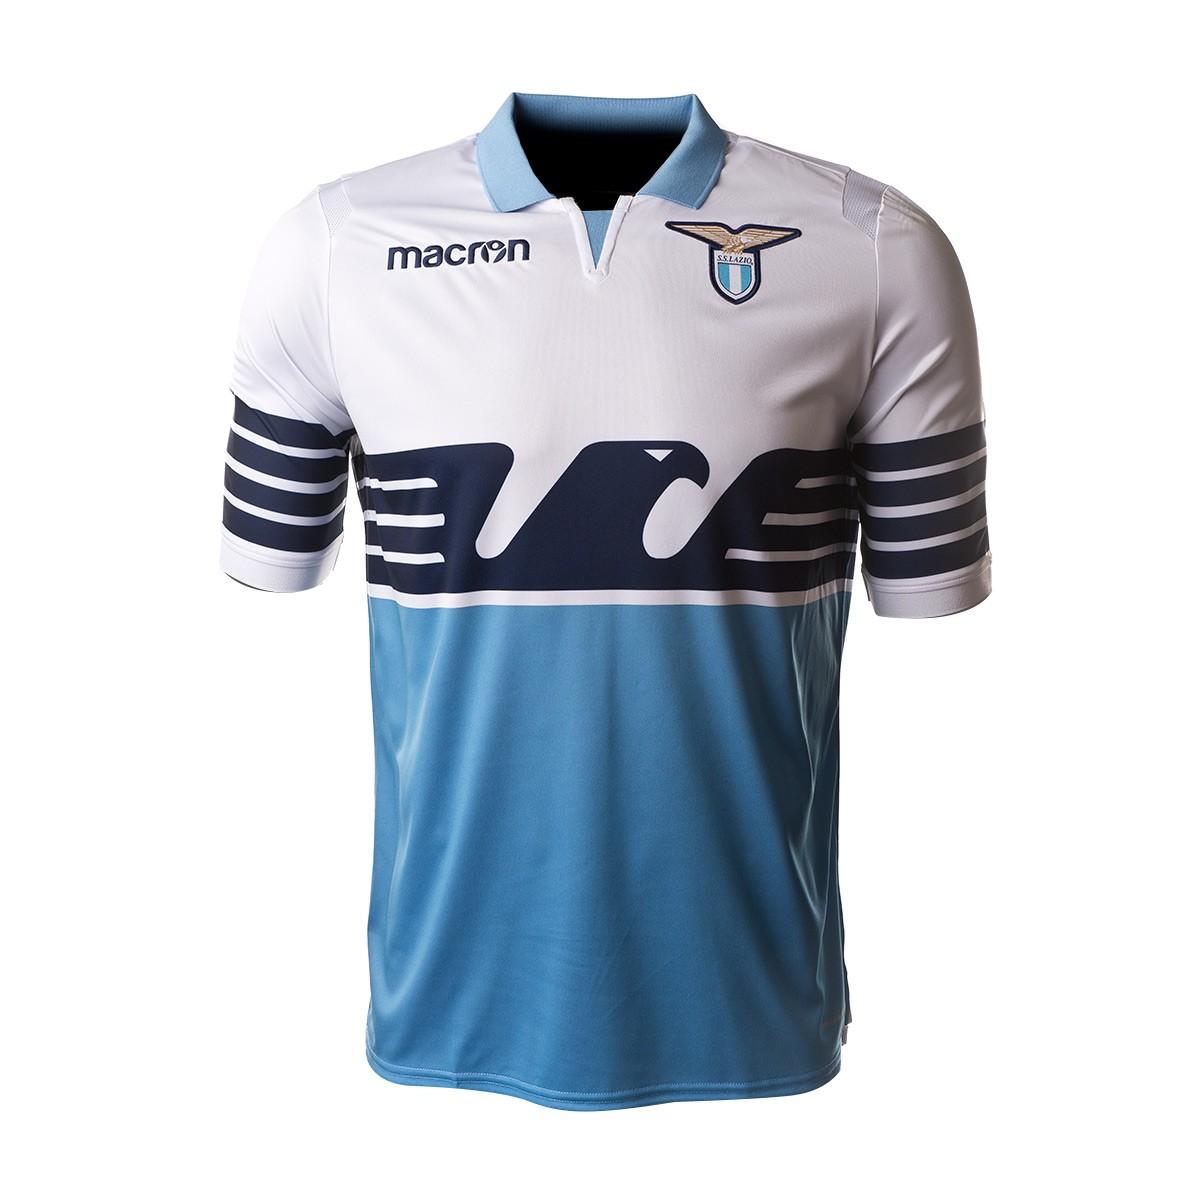 ... Camiseta Lazio Primera Equipación 2018-2019 White-Light blue. CATEGORIA bb3d908e3a94a